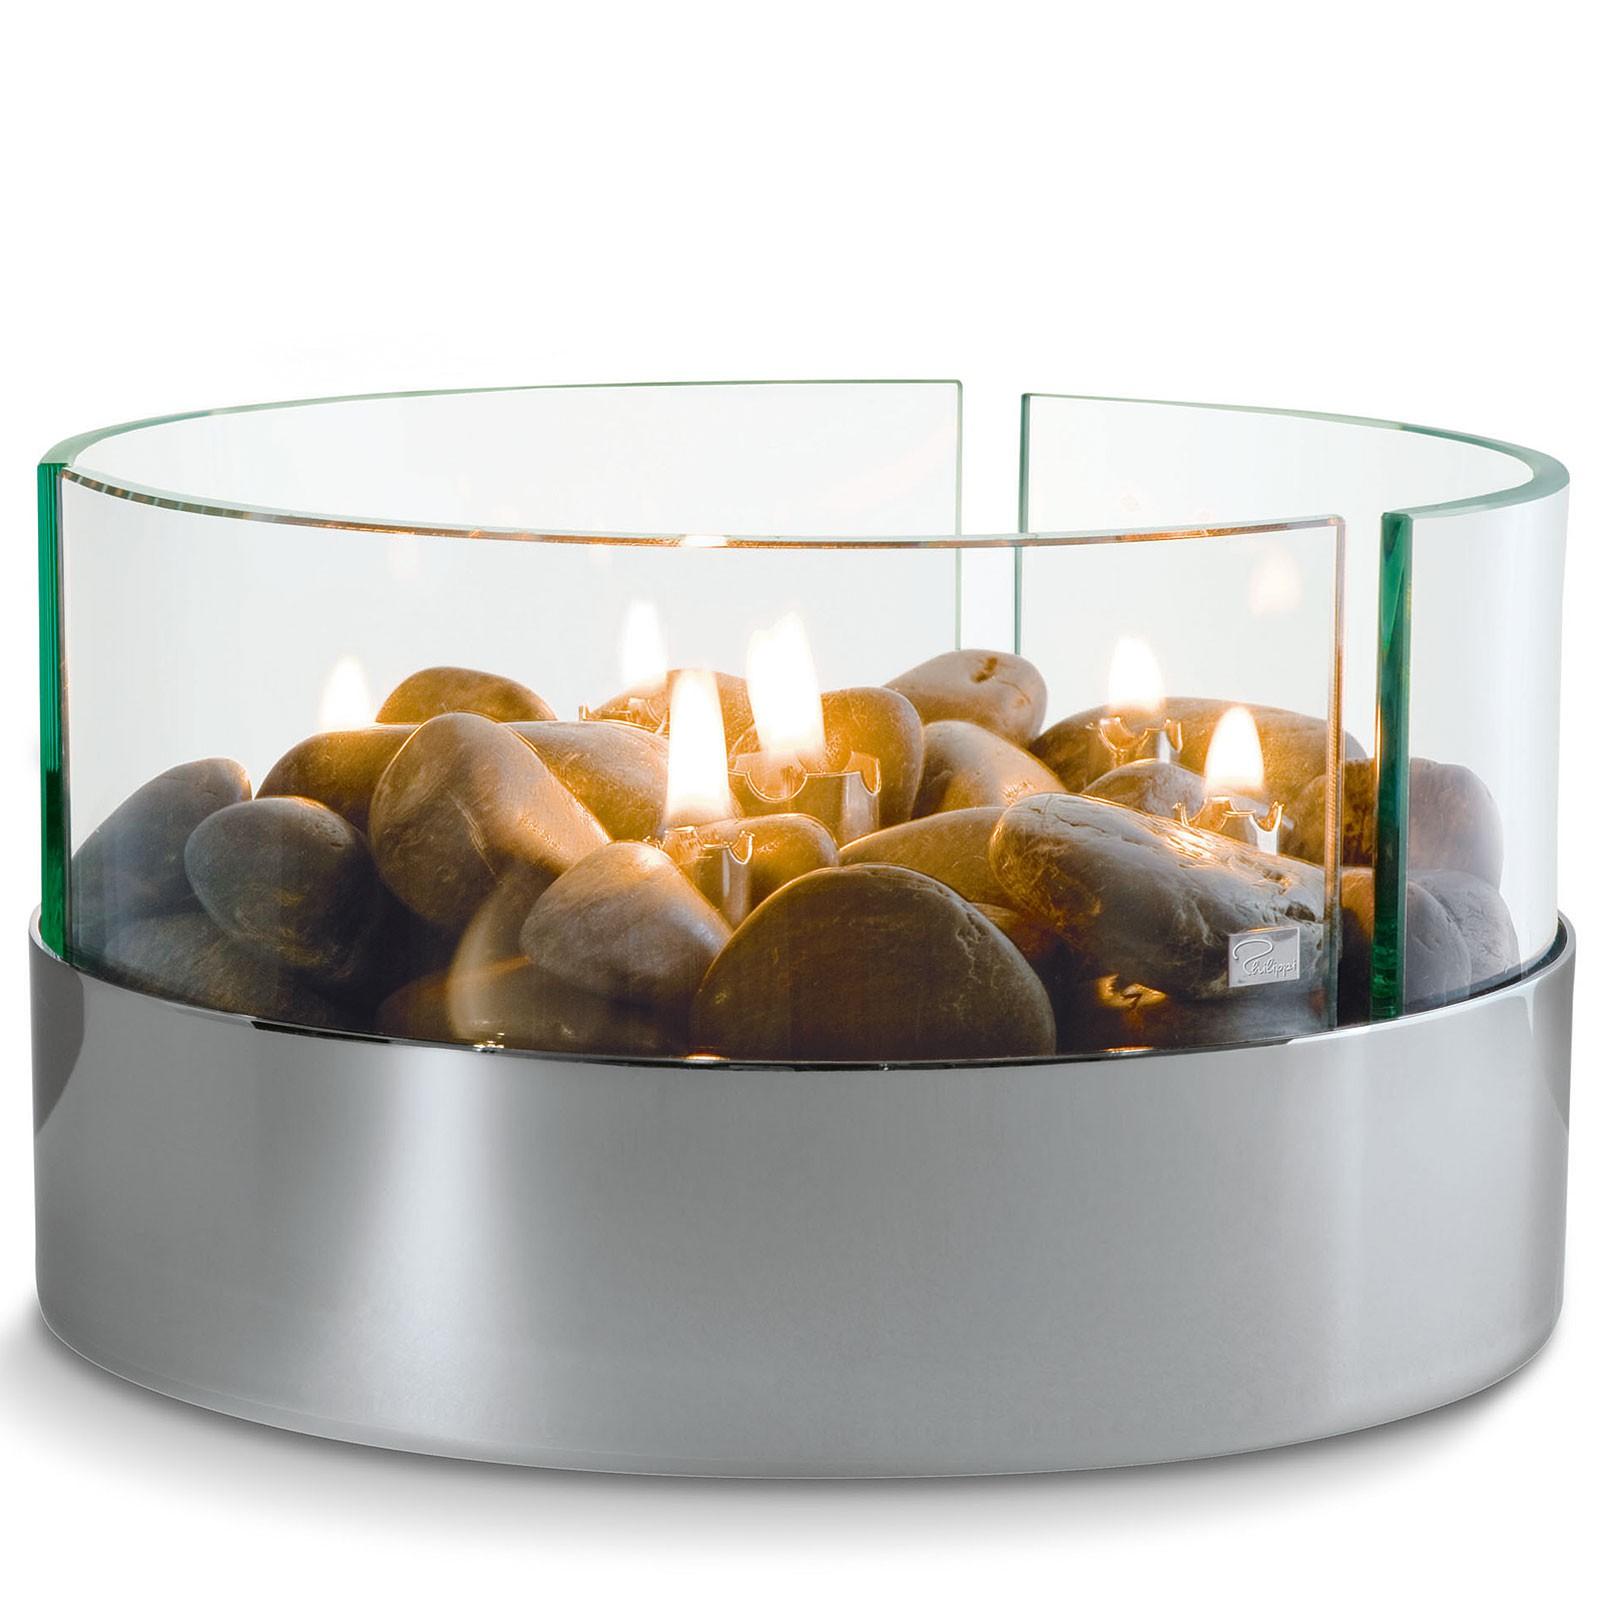 Tischkamin rund Glas + Steine Ø 20 cm Philippi BURN